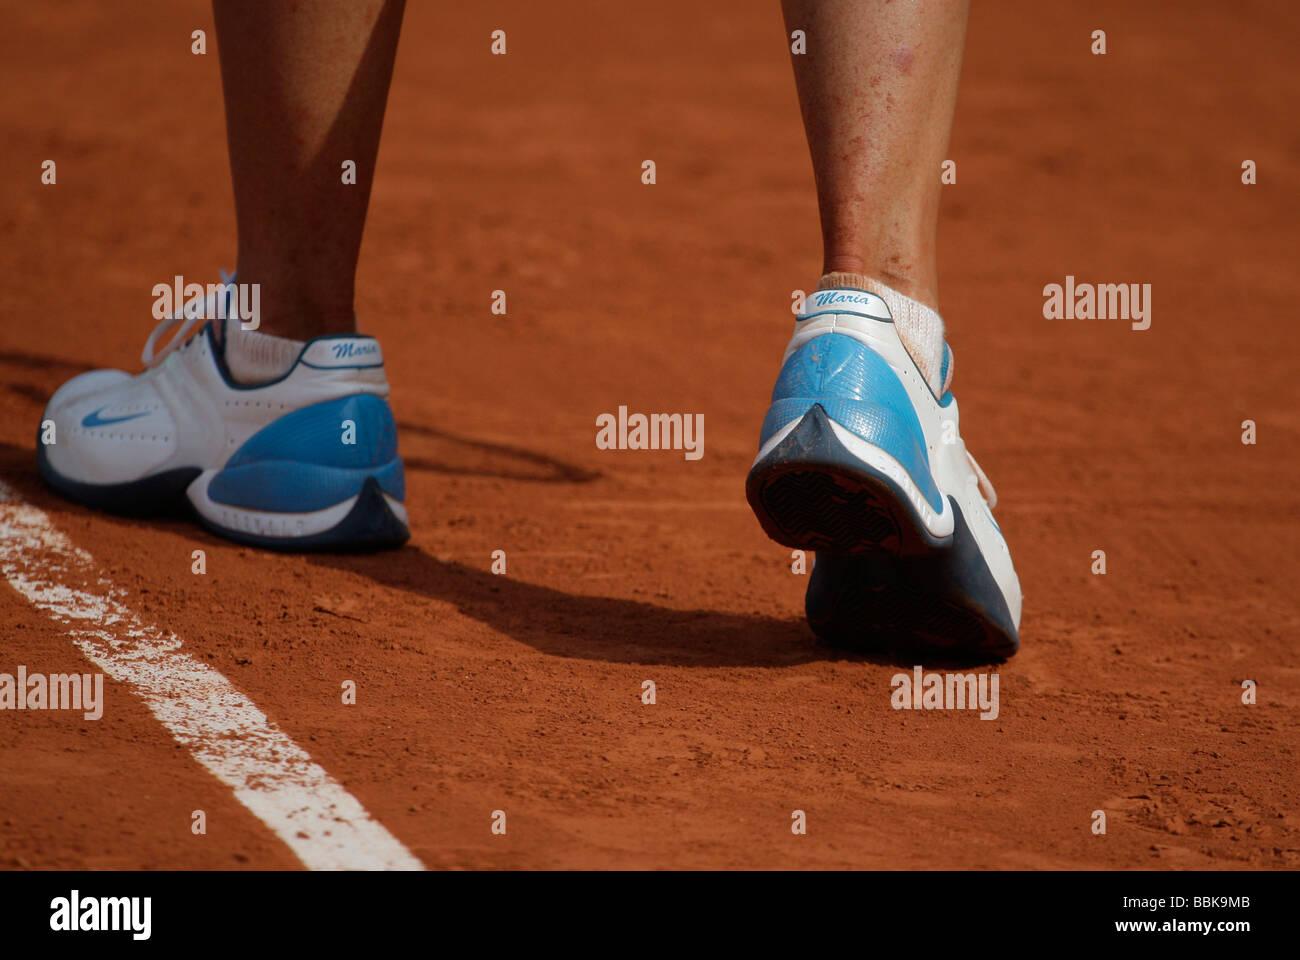 La tenista Maria Sharapova sus pies en sus zapatos personalizados. Imagen De Stock